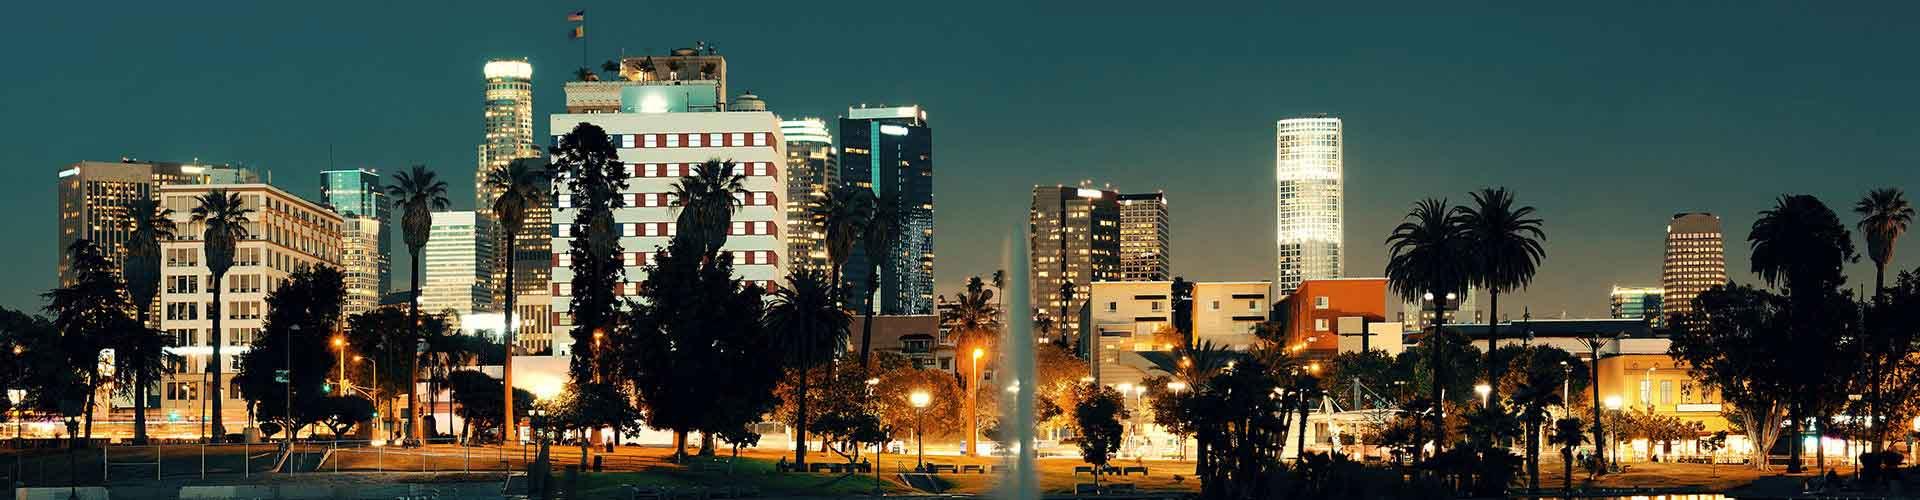 Los Ángeles - Habitaciones en el distrito Outpost Estates. Mapas de Los Ángeles, Fotos y comentarios de cada Habitación en Los Ángeles.